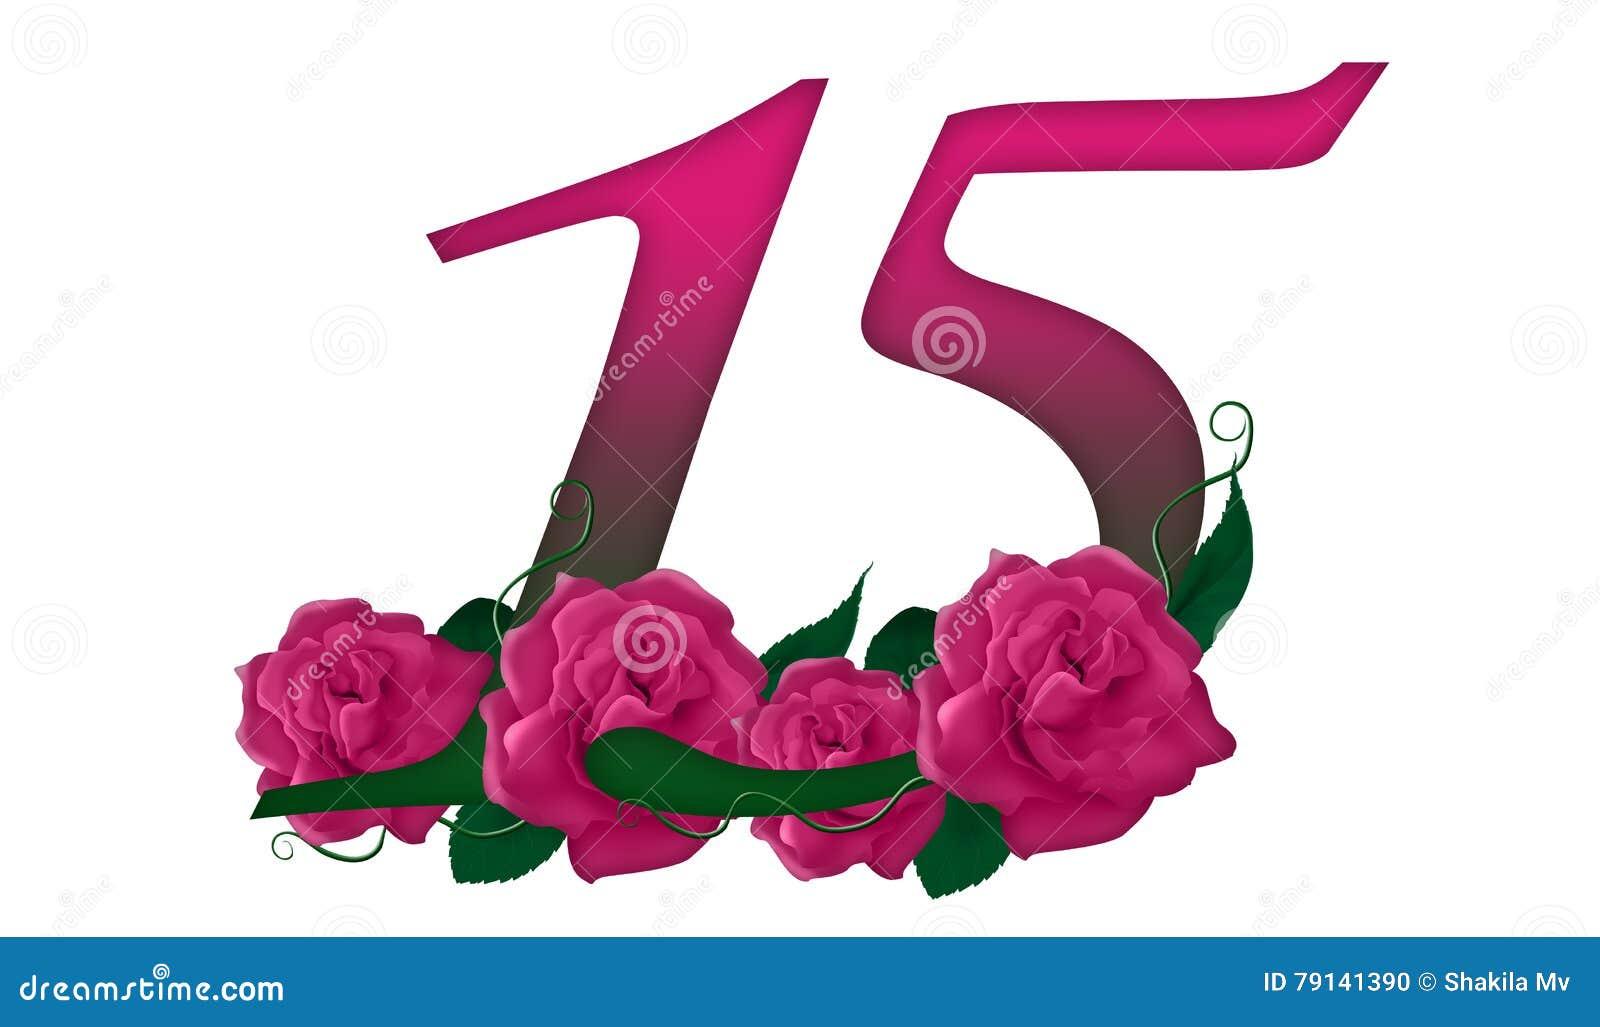 Number 15 Floral Stock Illustration Illustration Of Aged